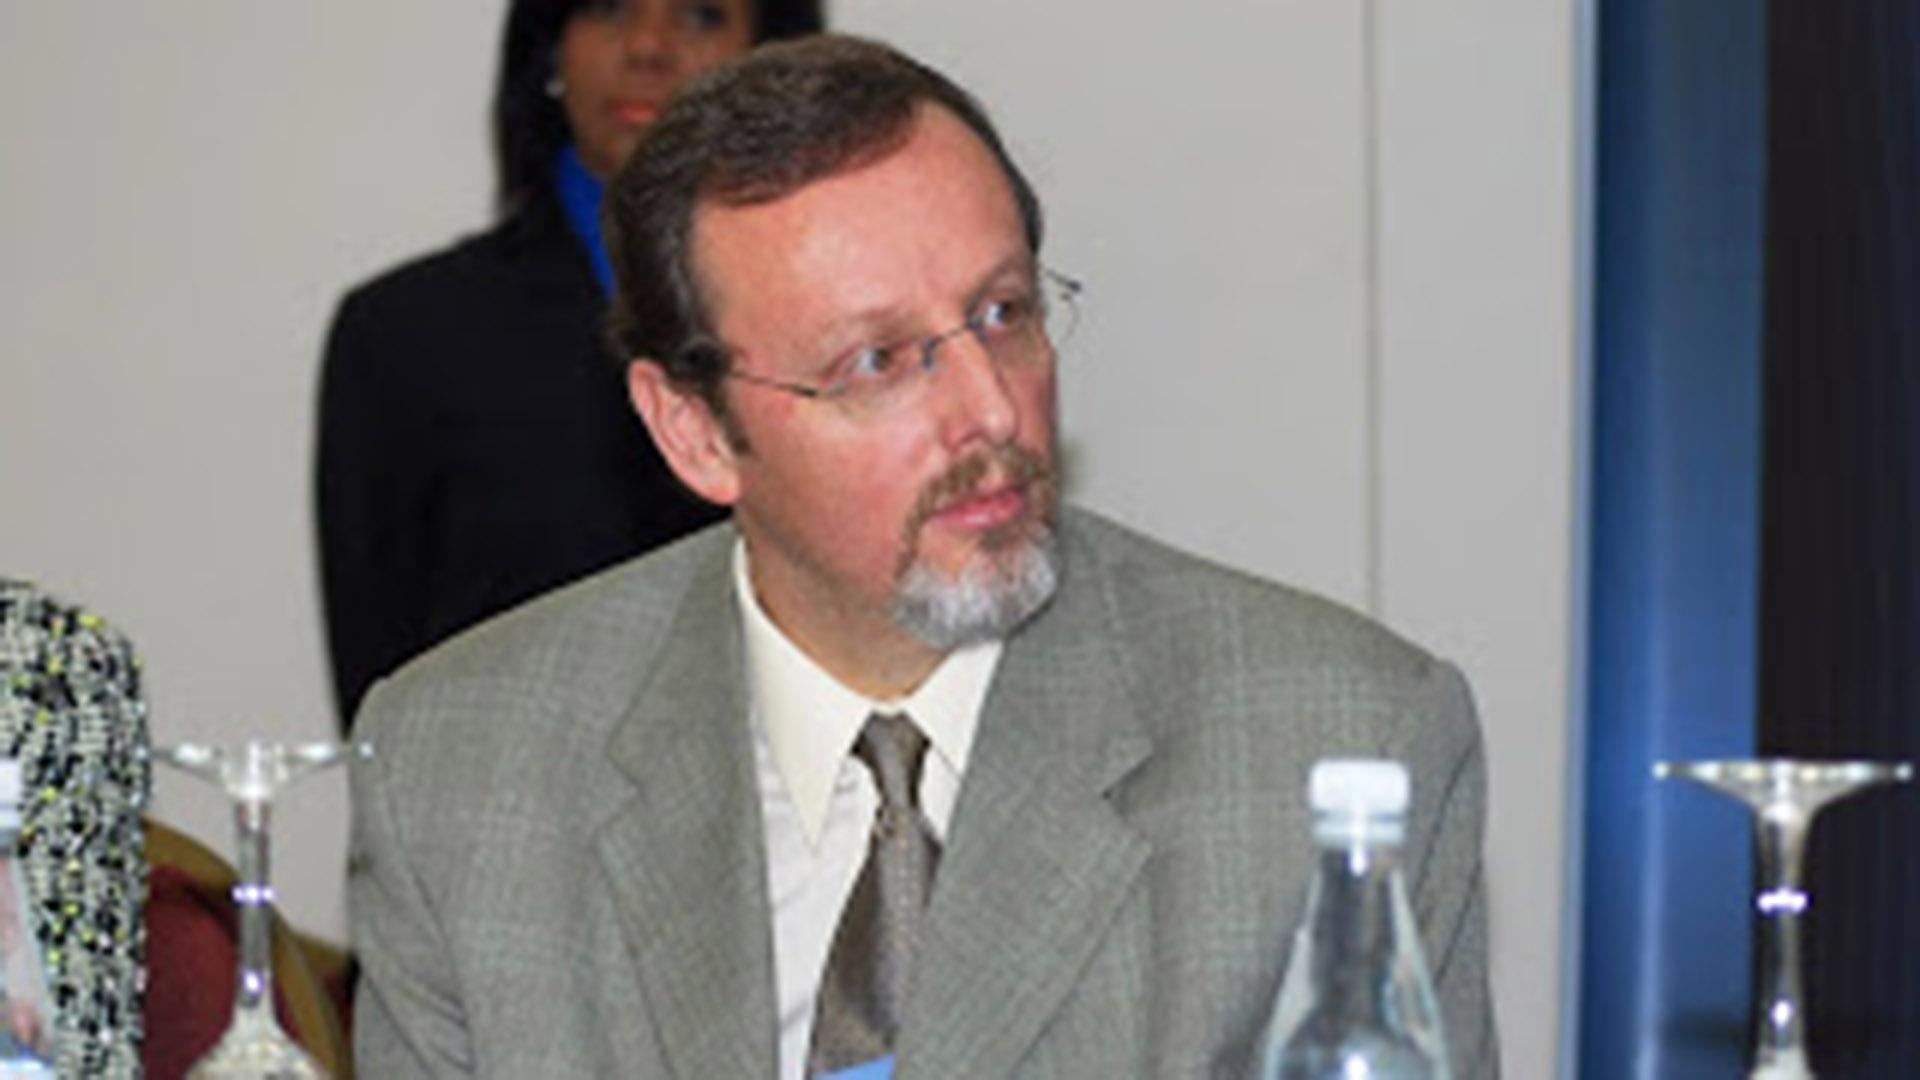 Quién es el juez que liberó al asesino de la psicóloga de Ramos Mejía